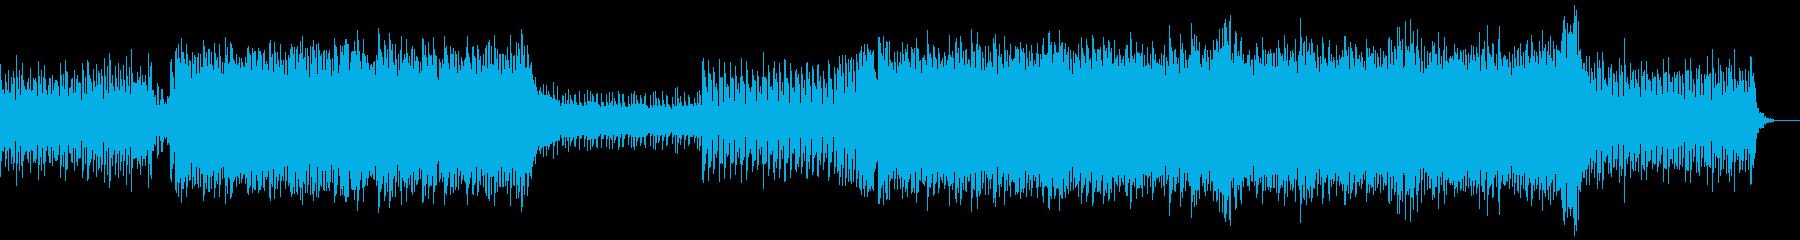 桜とロボを融合したような曲です。の再生済みの波形